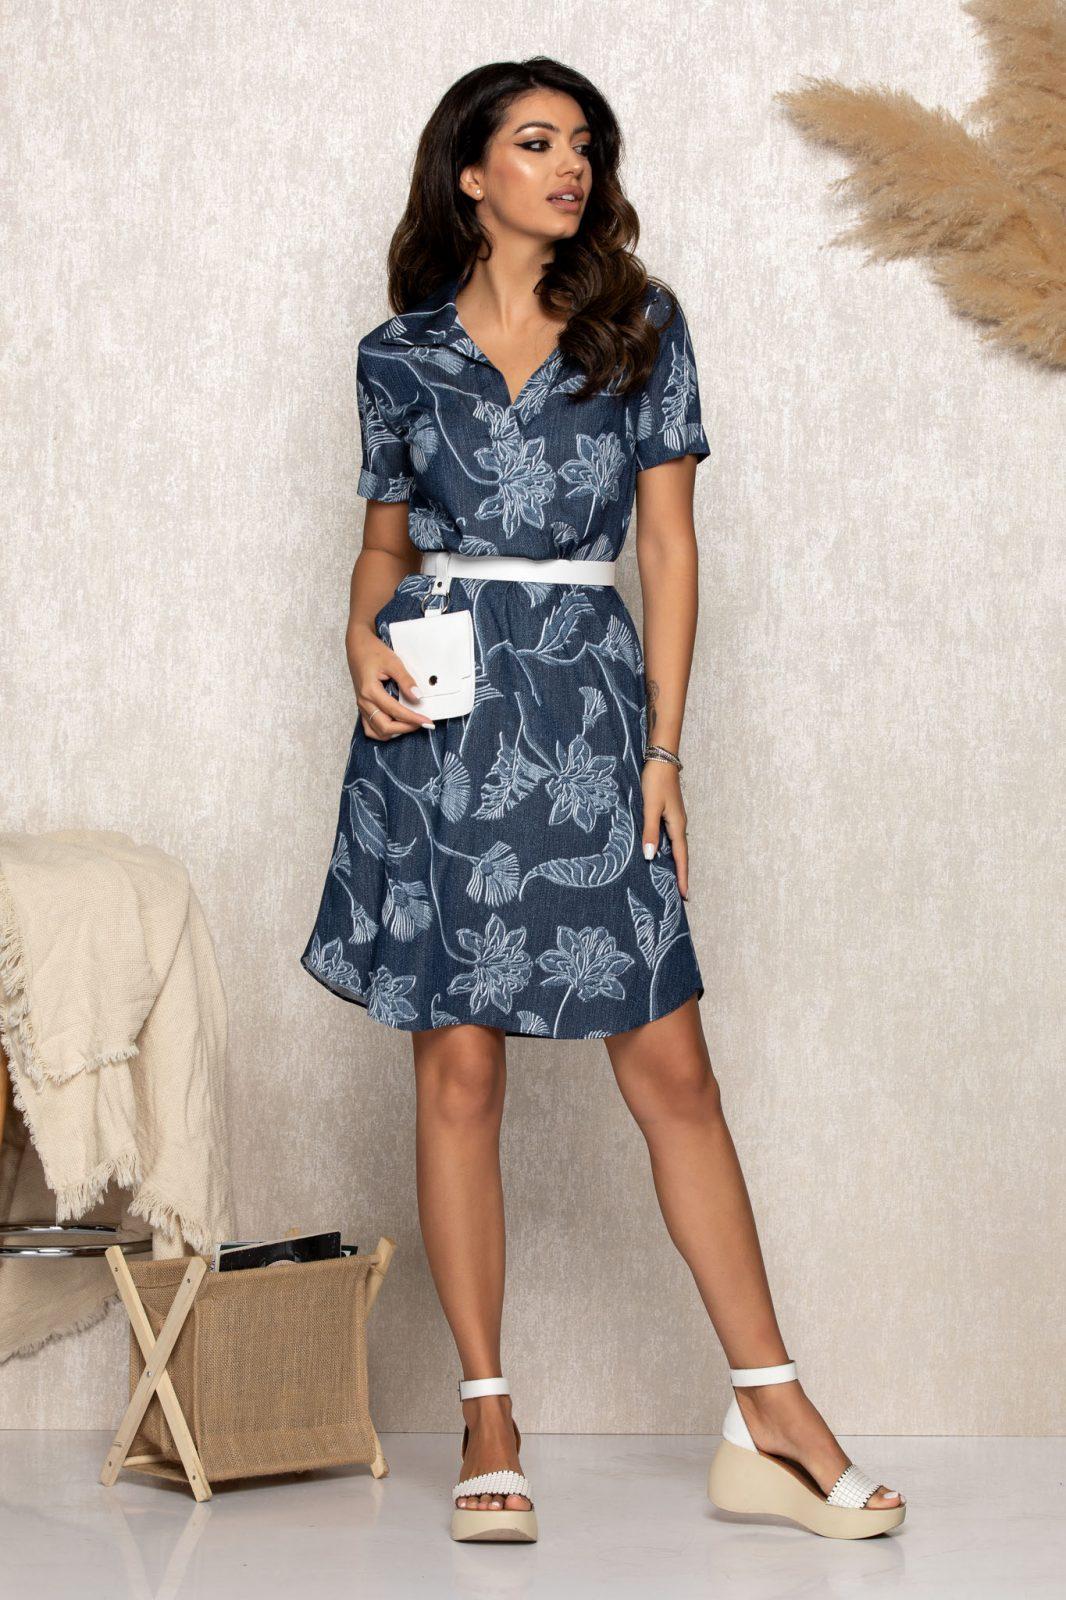 Καθημερινό Μπλε Φόρεμα Με Πορτοφόλι Zahra B158 1